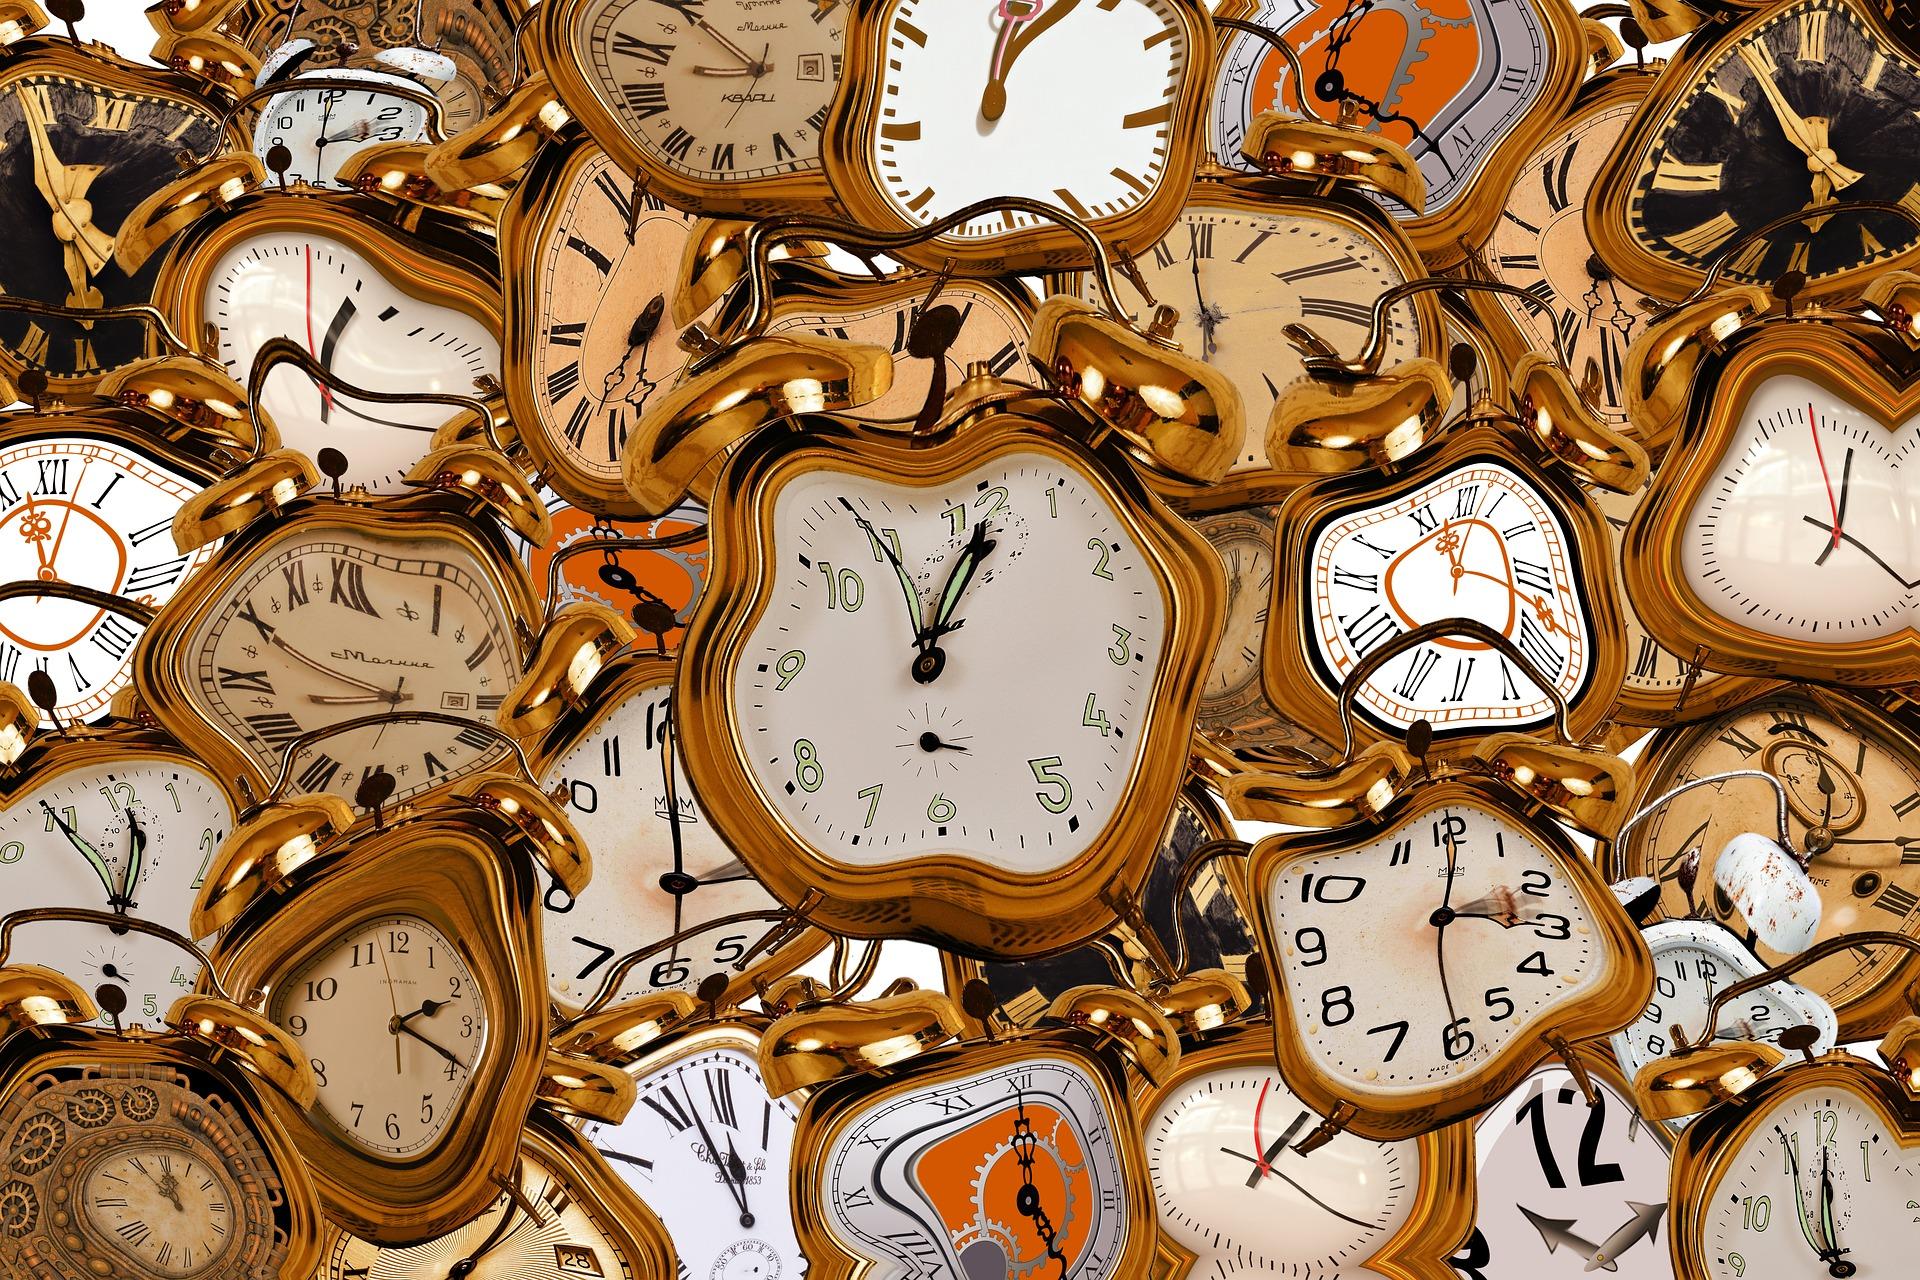 time-3776269_1920.jpg